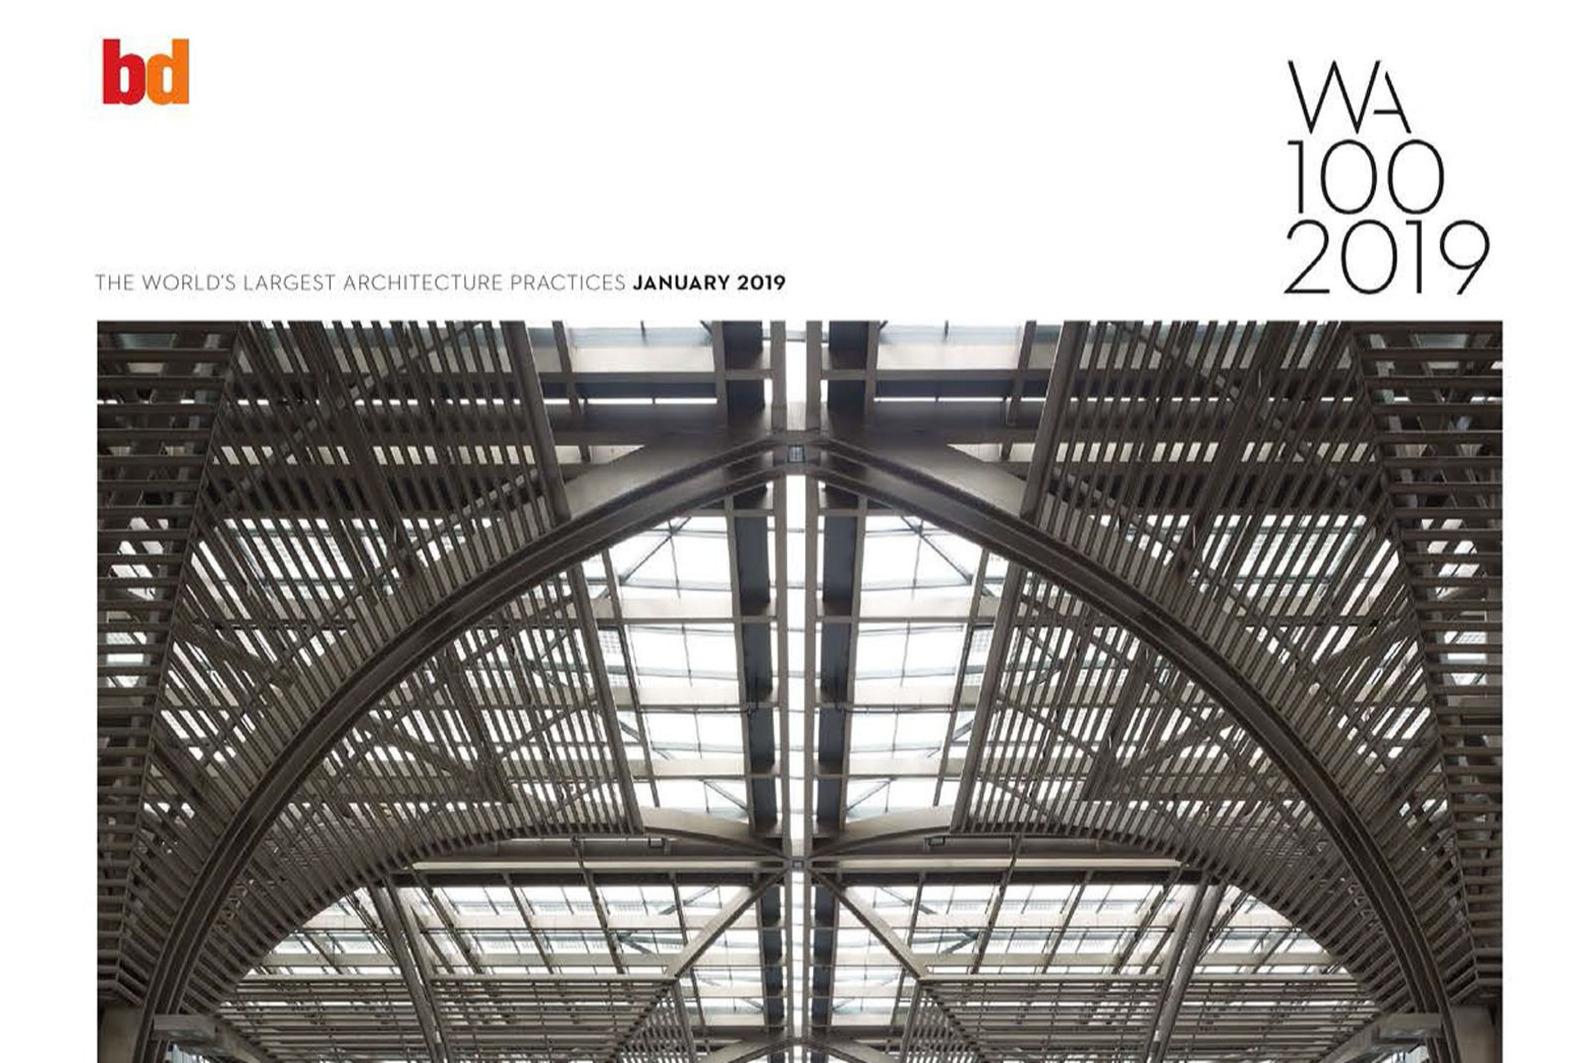 ATP auf Platz 22 der weltweit 100 größten Architekturbüros.<br><span class='image_copyright'>Building Design´s annual survey of the top global practices</span><br>